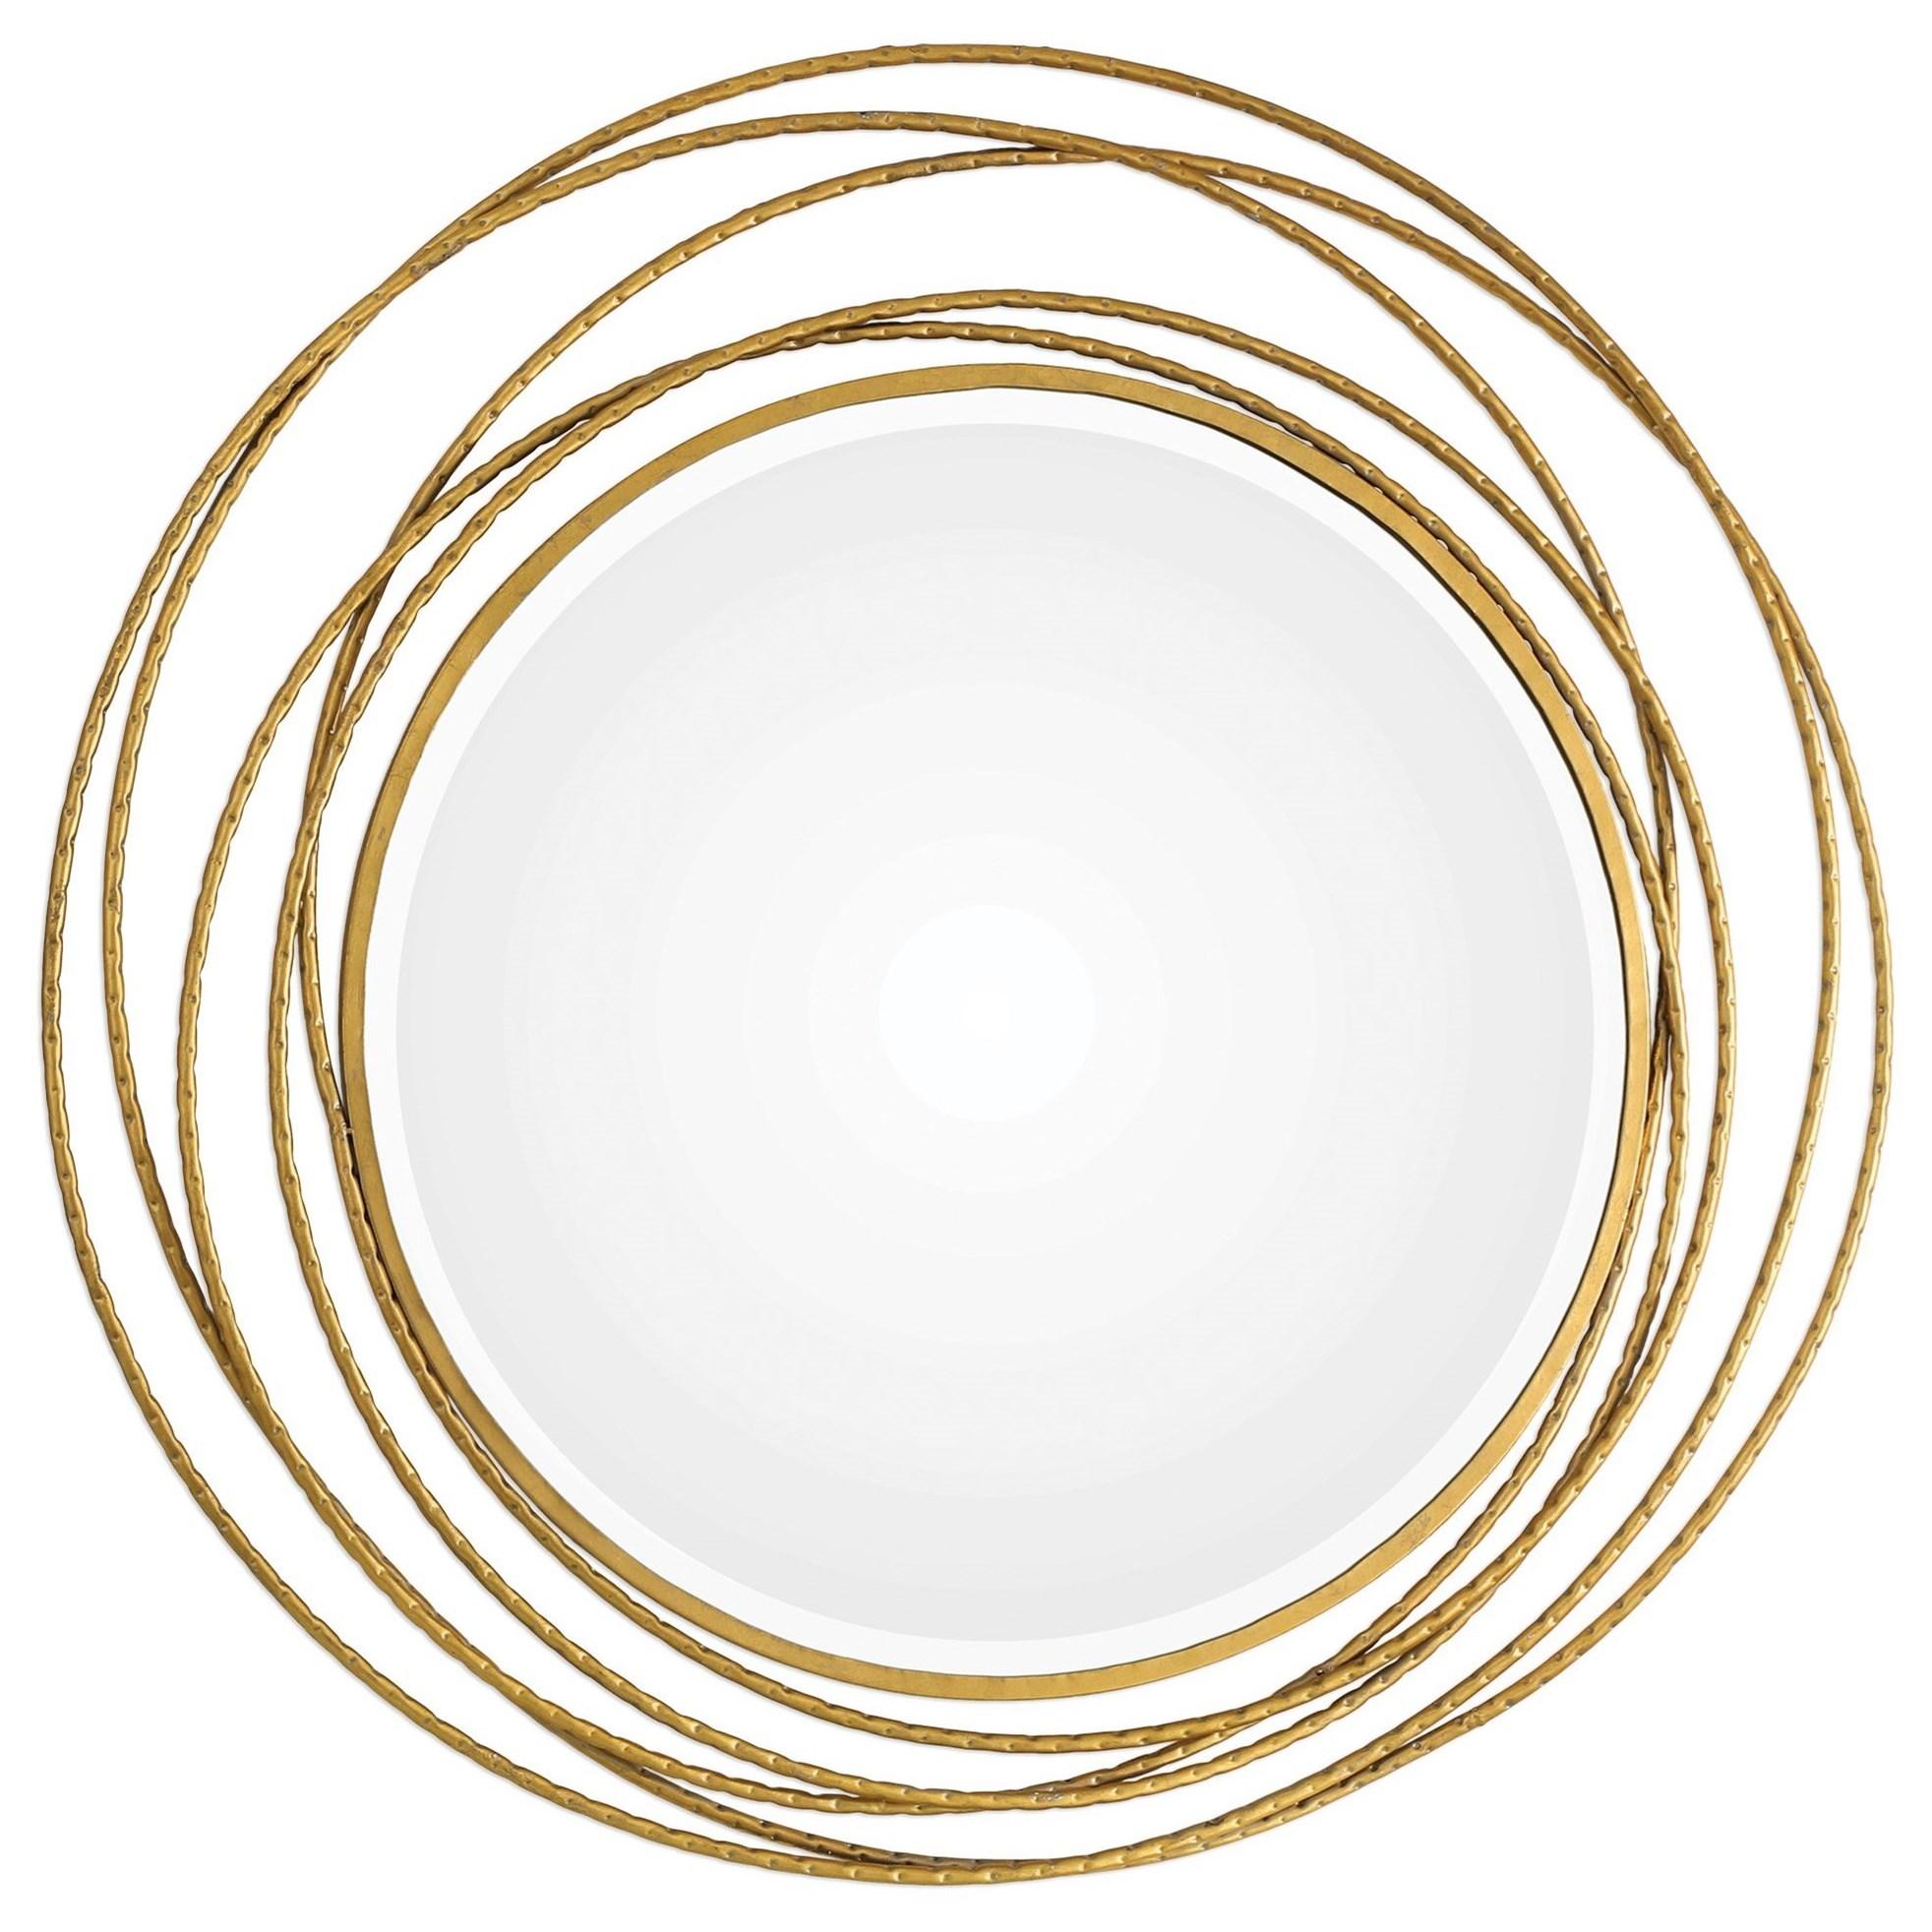 Uttermost Mirrors 09348 Whirlwind Gold Round Mirror Dunk